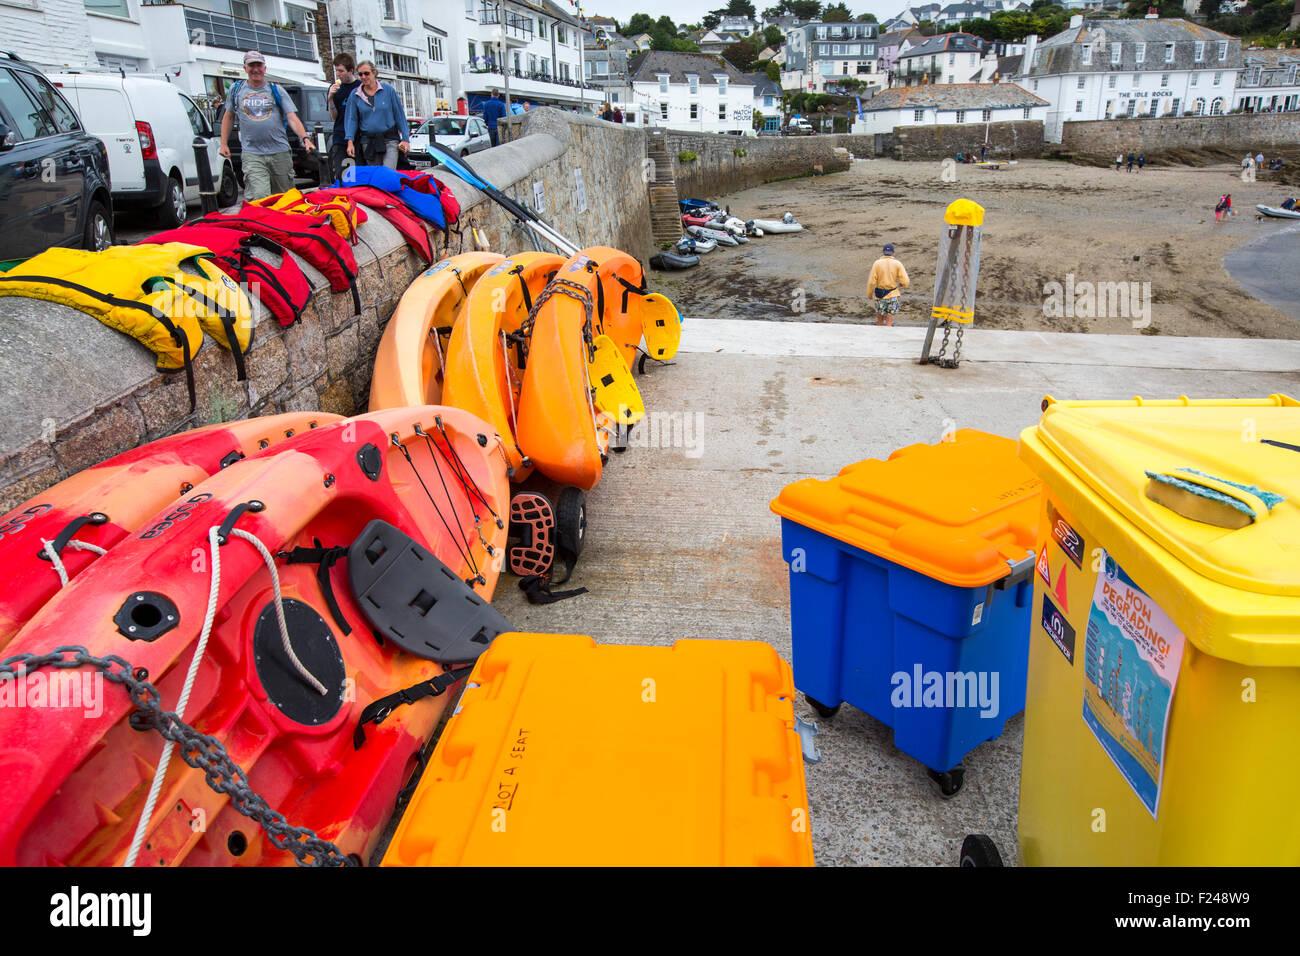 Sitzen Sie auf Kajaks zu mieten in St. Mawes, Cornwall, UK. Stockbild